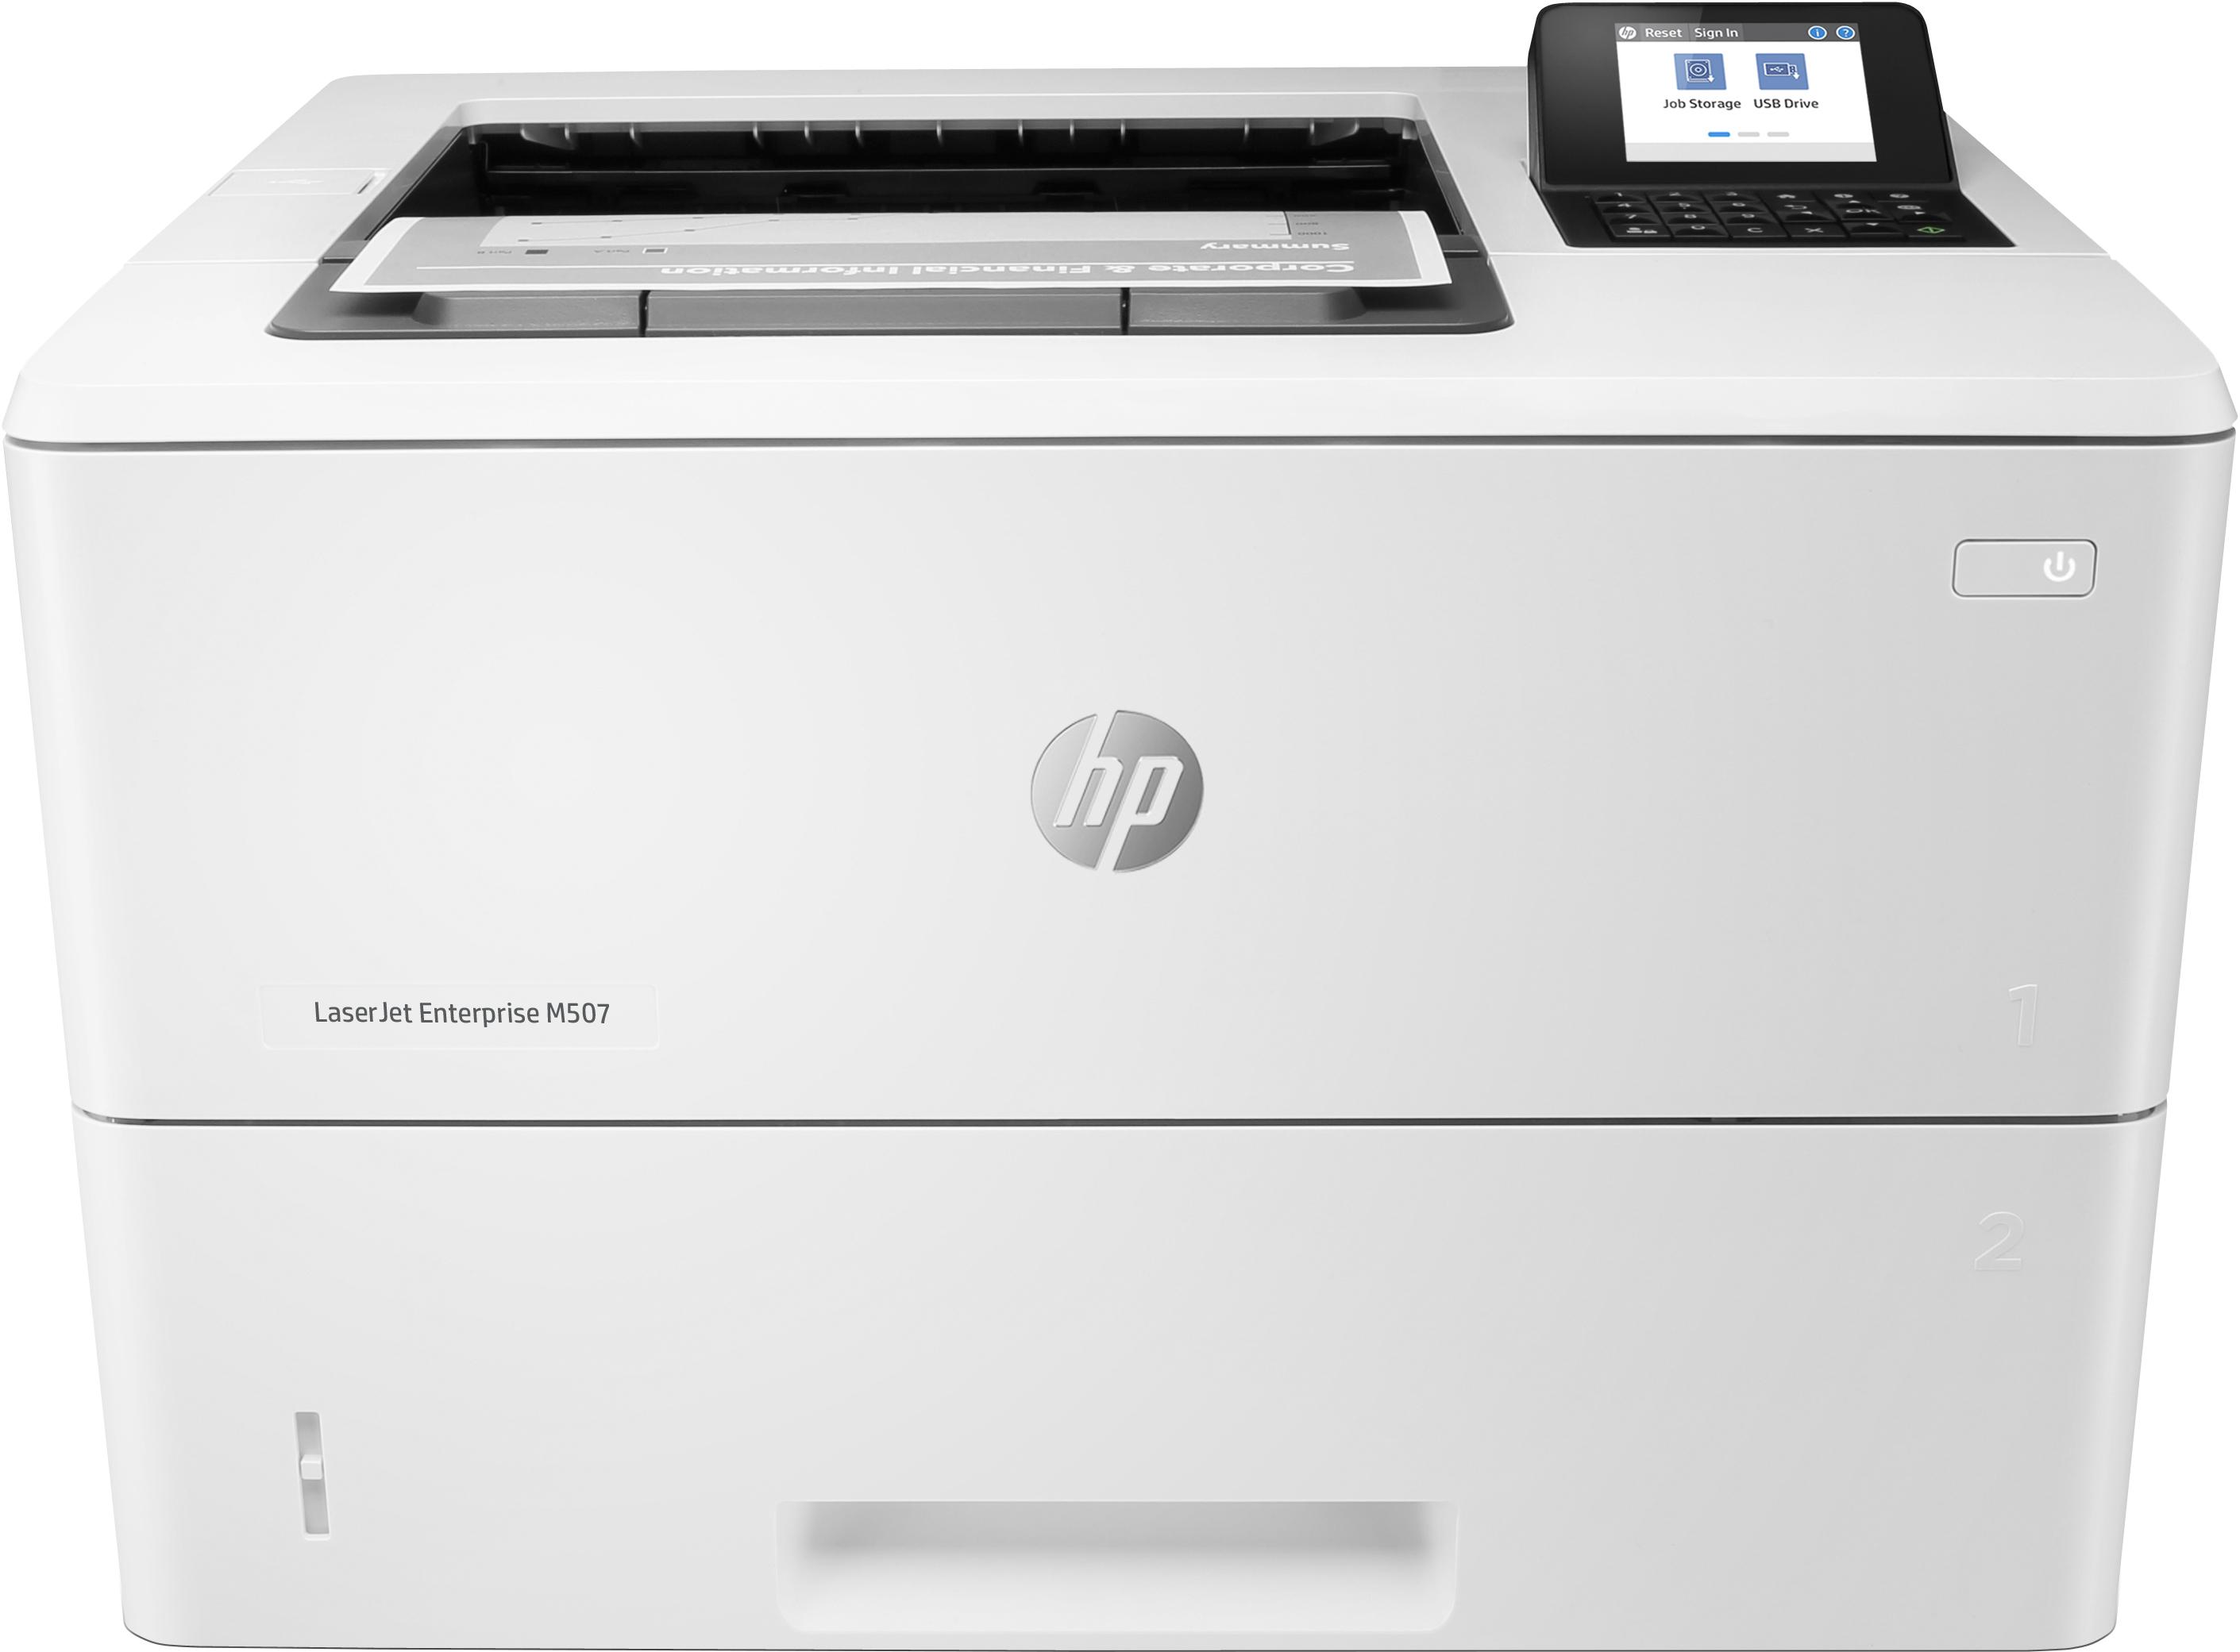 HP LaserJet Enterprise M507n 1200 x 1200 DPI A4